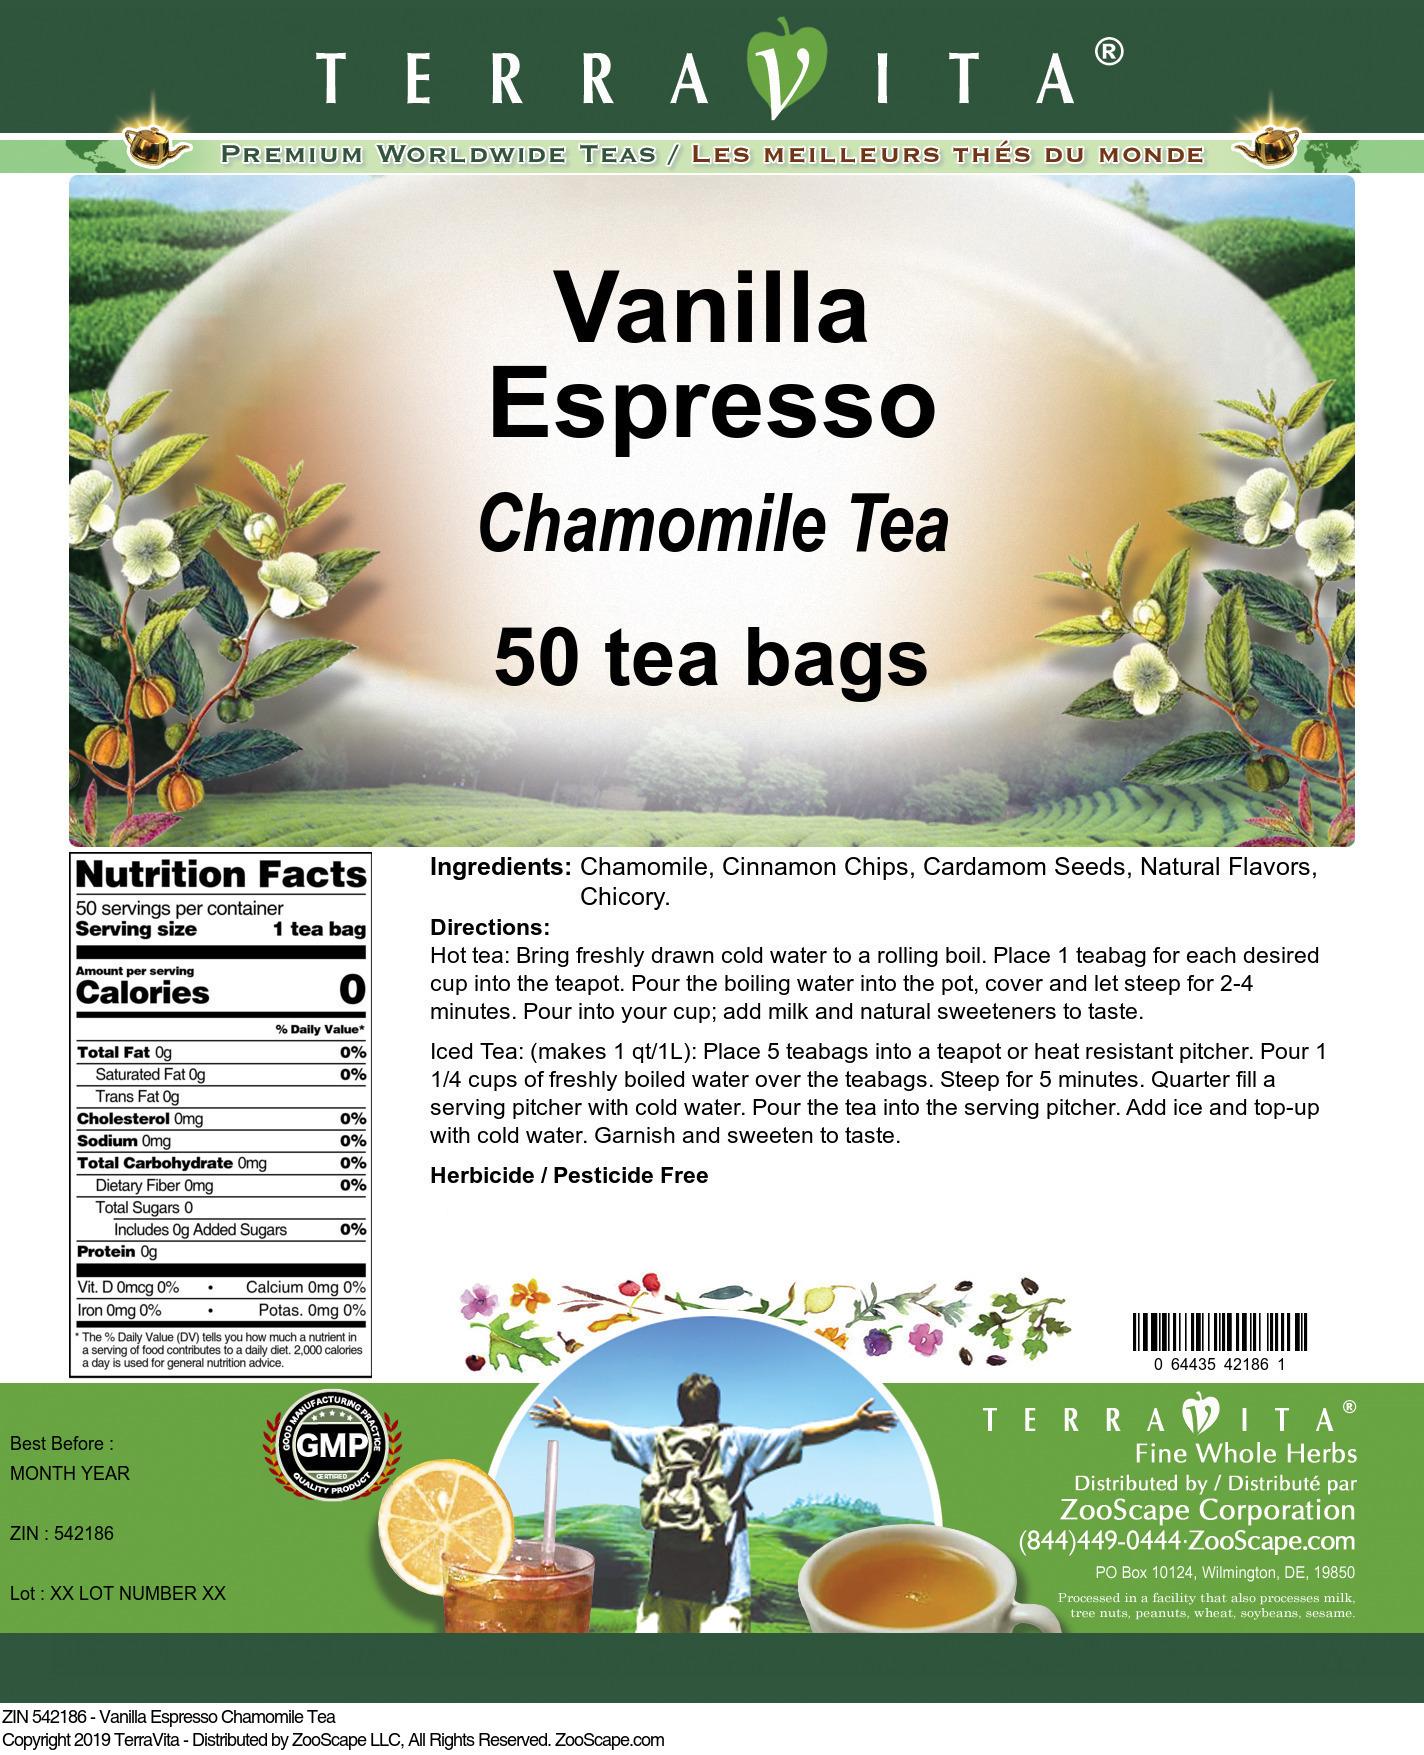 Vanilla Espresso Chamomile Tea